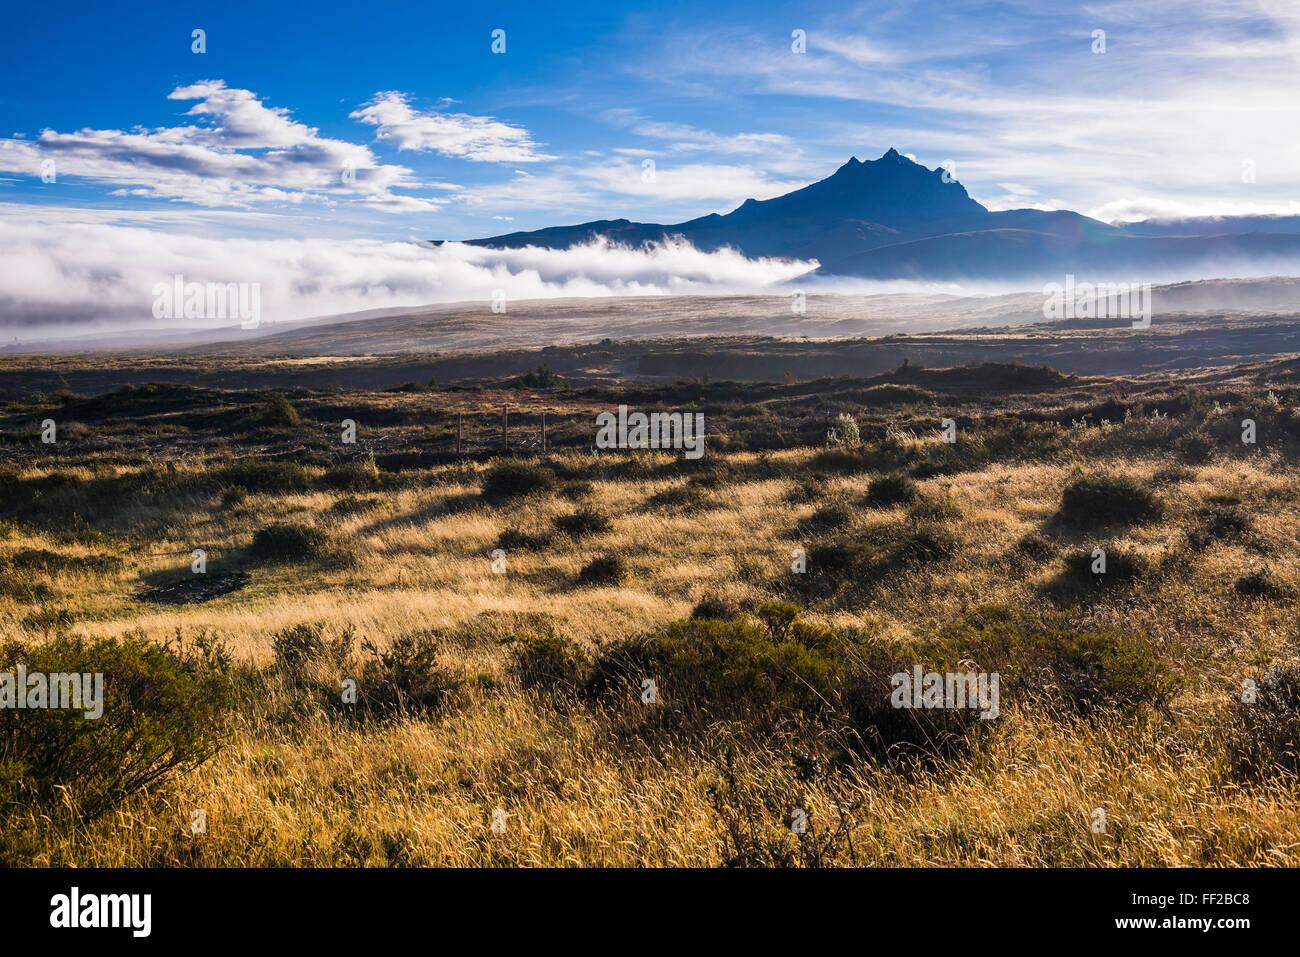 SinchoRMagua VoRMcano al amanecer, Provincia de Cotopaxi, Ecuador, Sudamérica Foto de stock